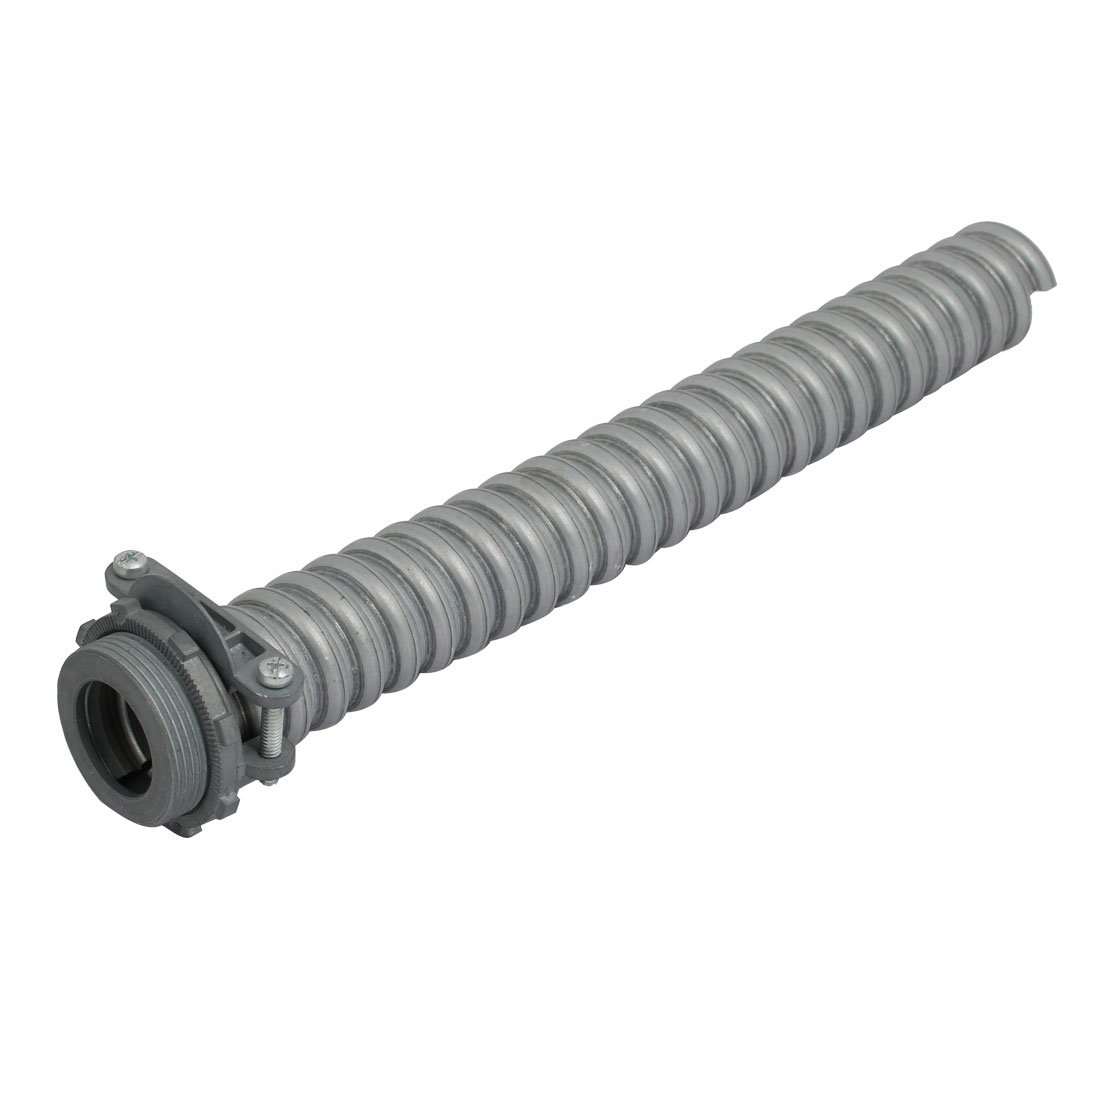 Durchmesser 141-165 mm 150 mm 4 St/ück Tuparka Schlauchschelle f/ür flexibles Schlauch